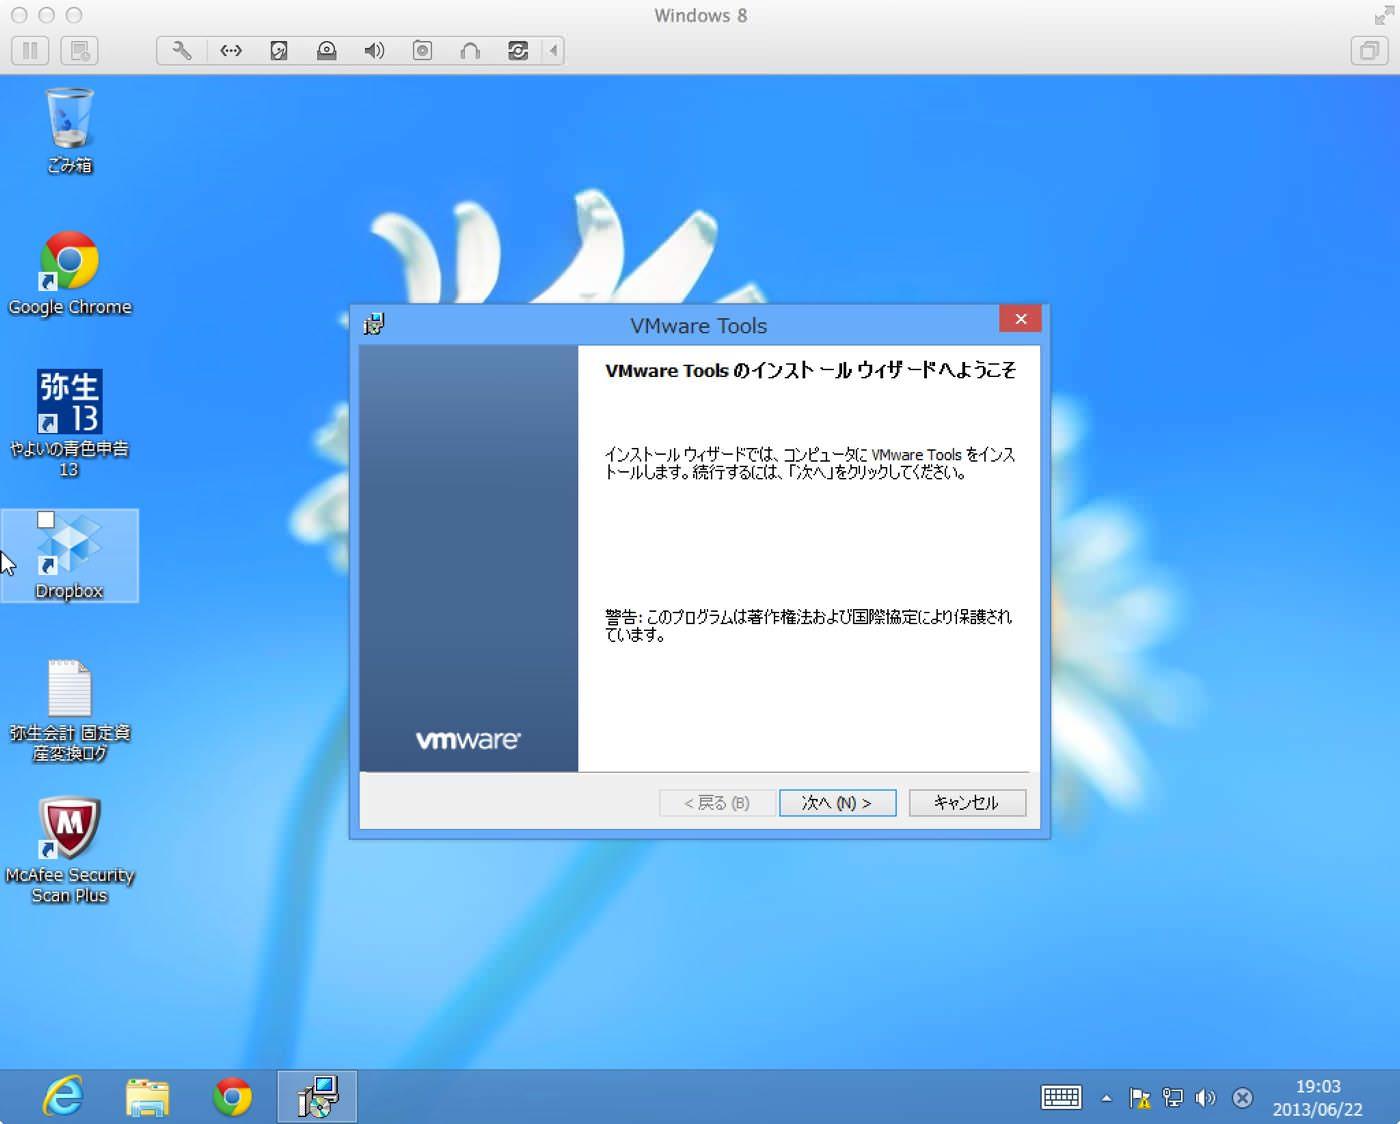 Vmware toolsのインストールウィザードへようこそ